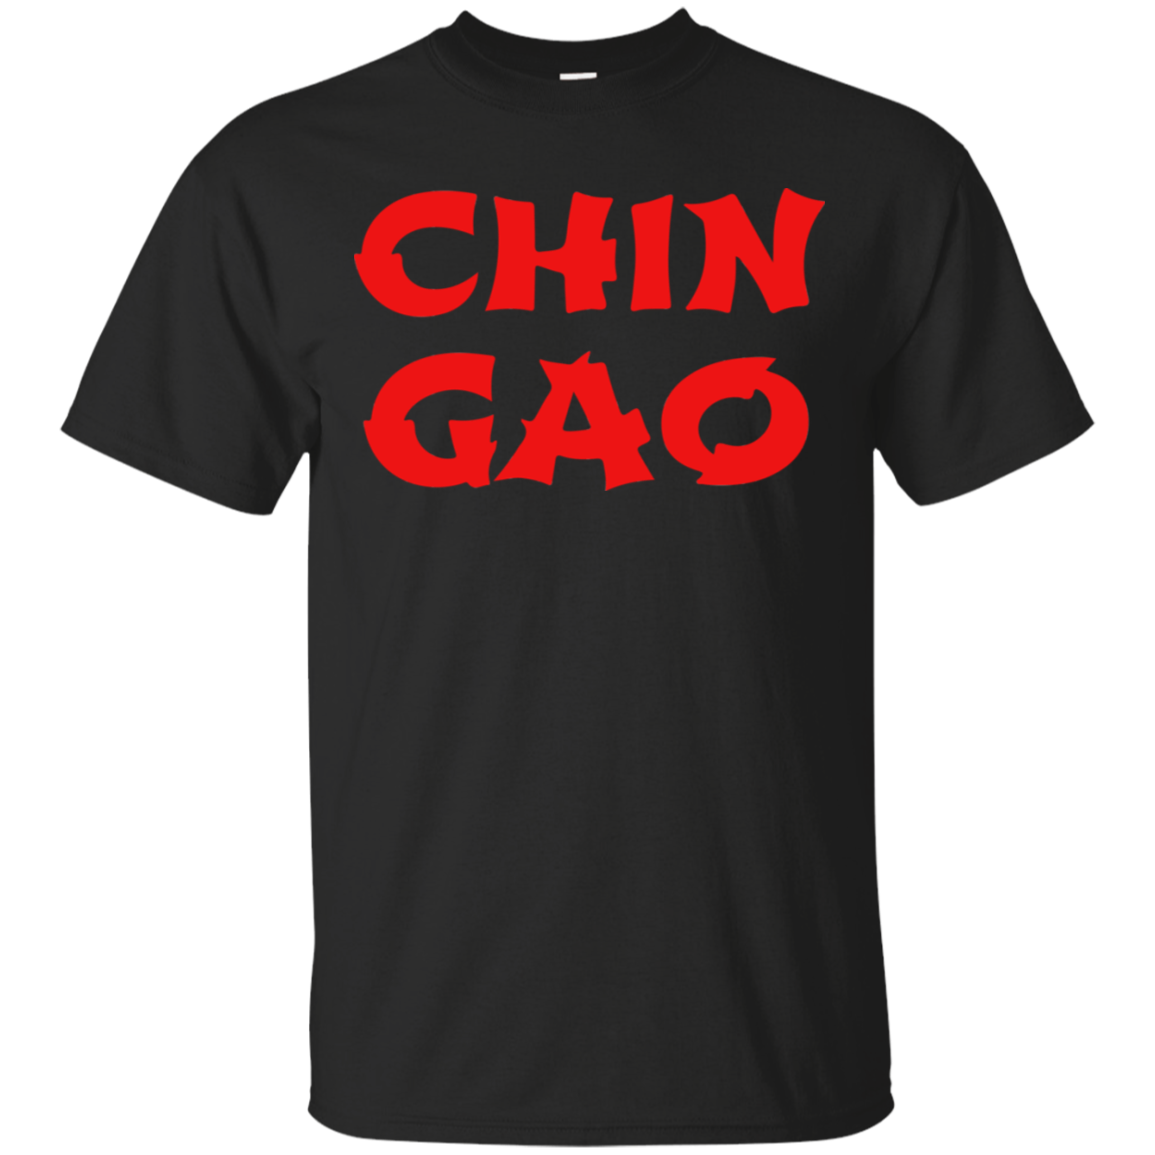 Chin Gao Shirt Shirt